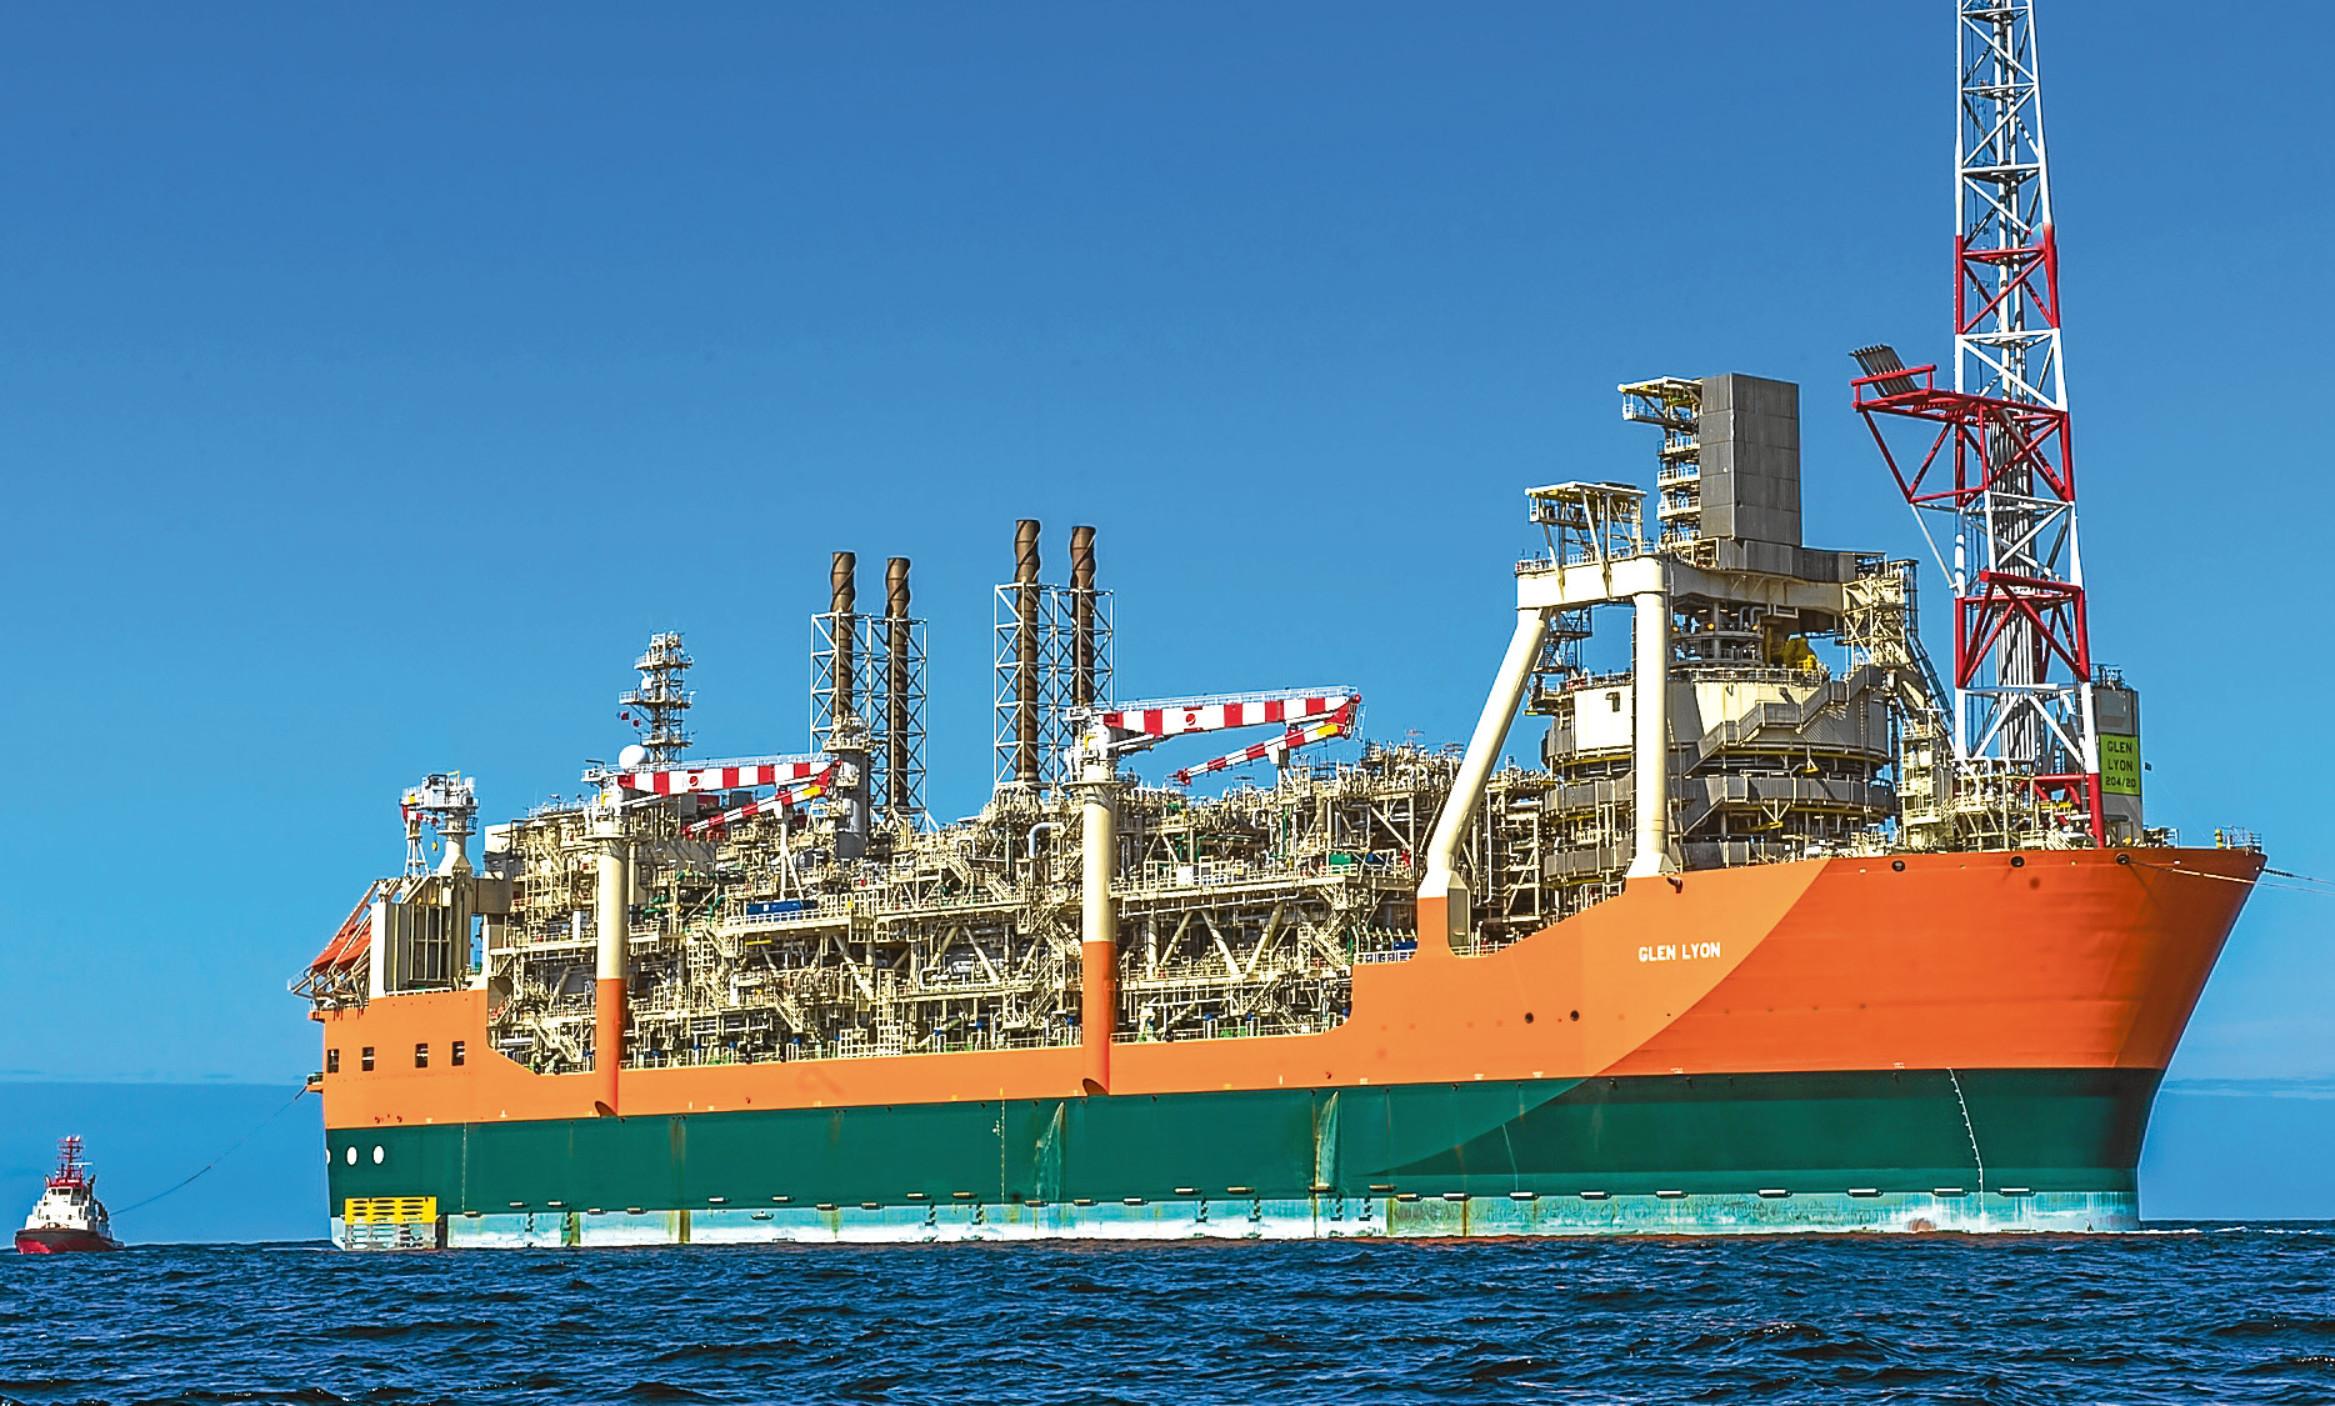 The Glen Lyon FPSO servicing the Quad 204 oil field in the North Sea